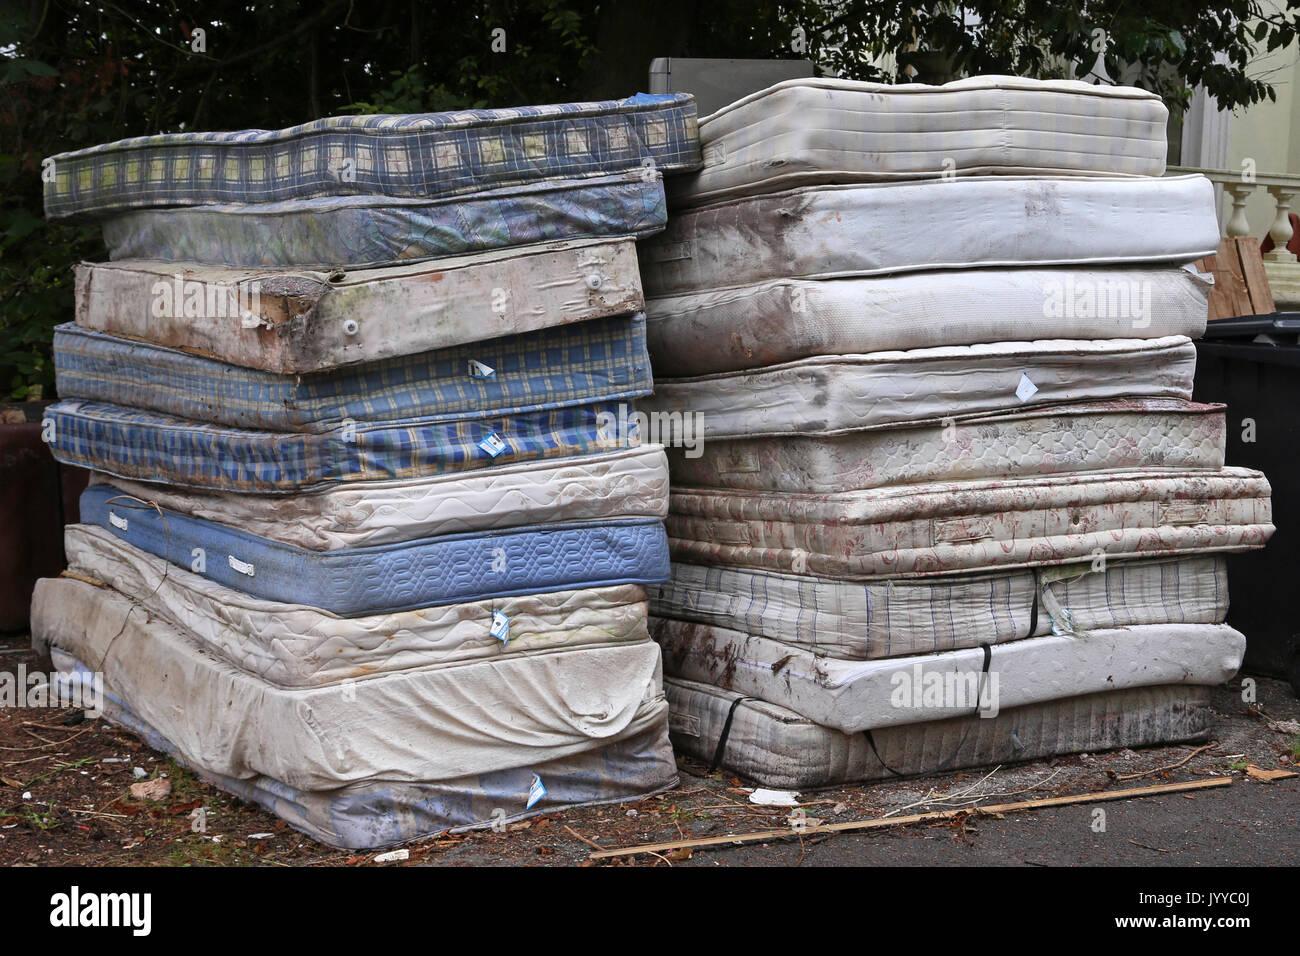 Una pila de colchones apilados en una carretera en Devon, Reino